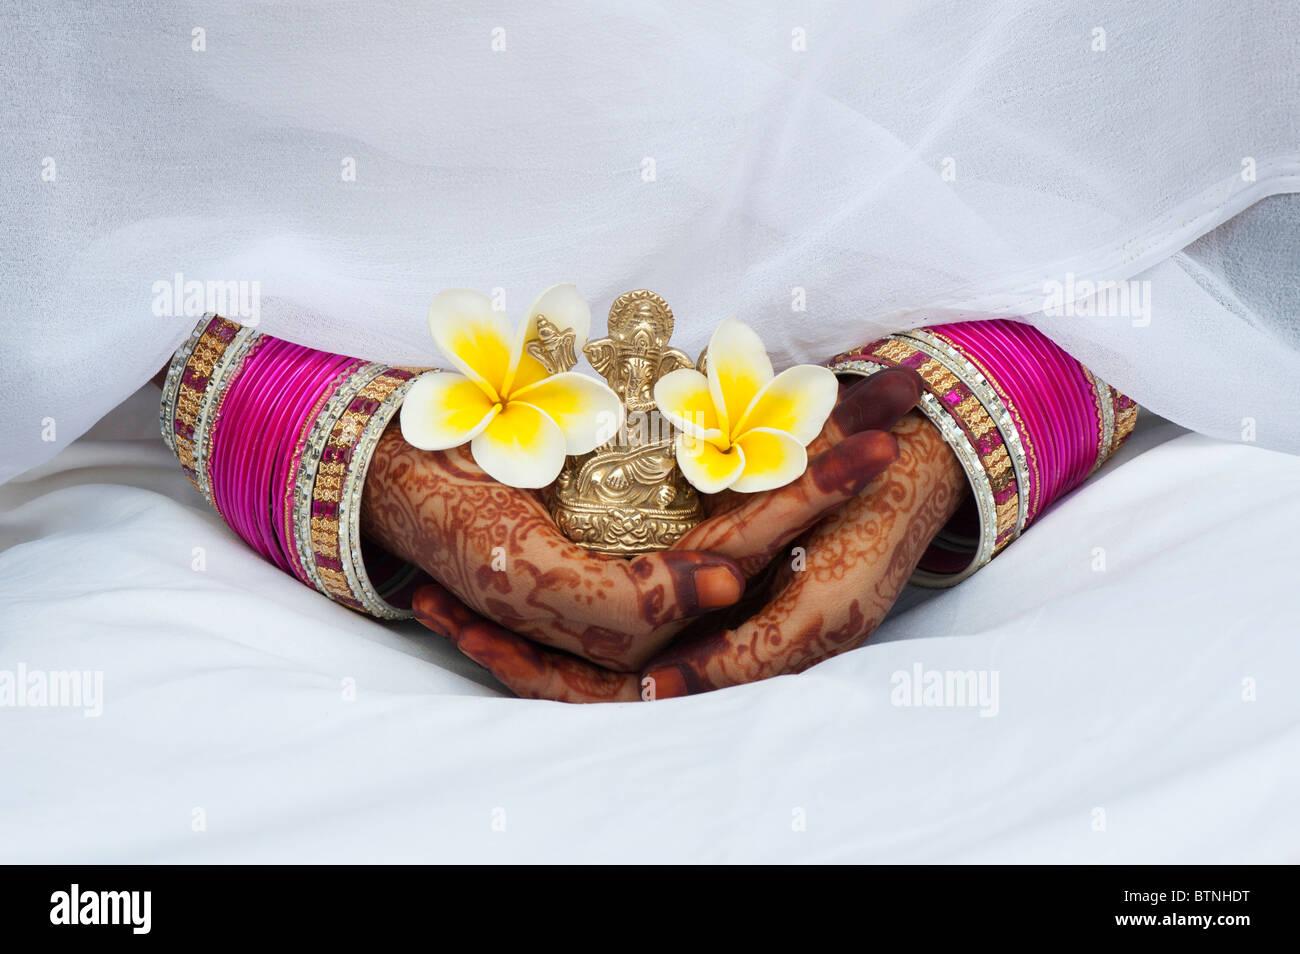 Vestida de India sari de seda blanco con henna manos sosteniendo una flor de Frangipani y una estatua de Ganesha. Imagen De Stock